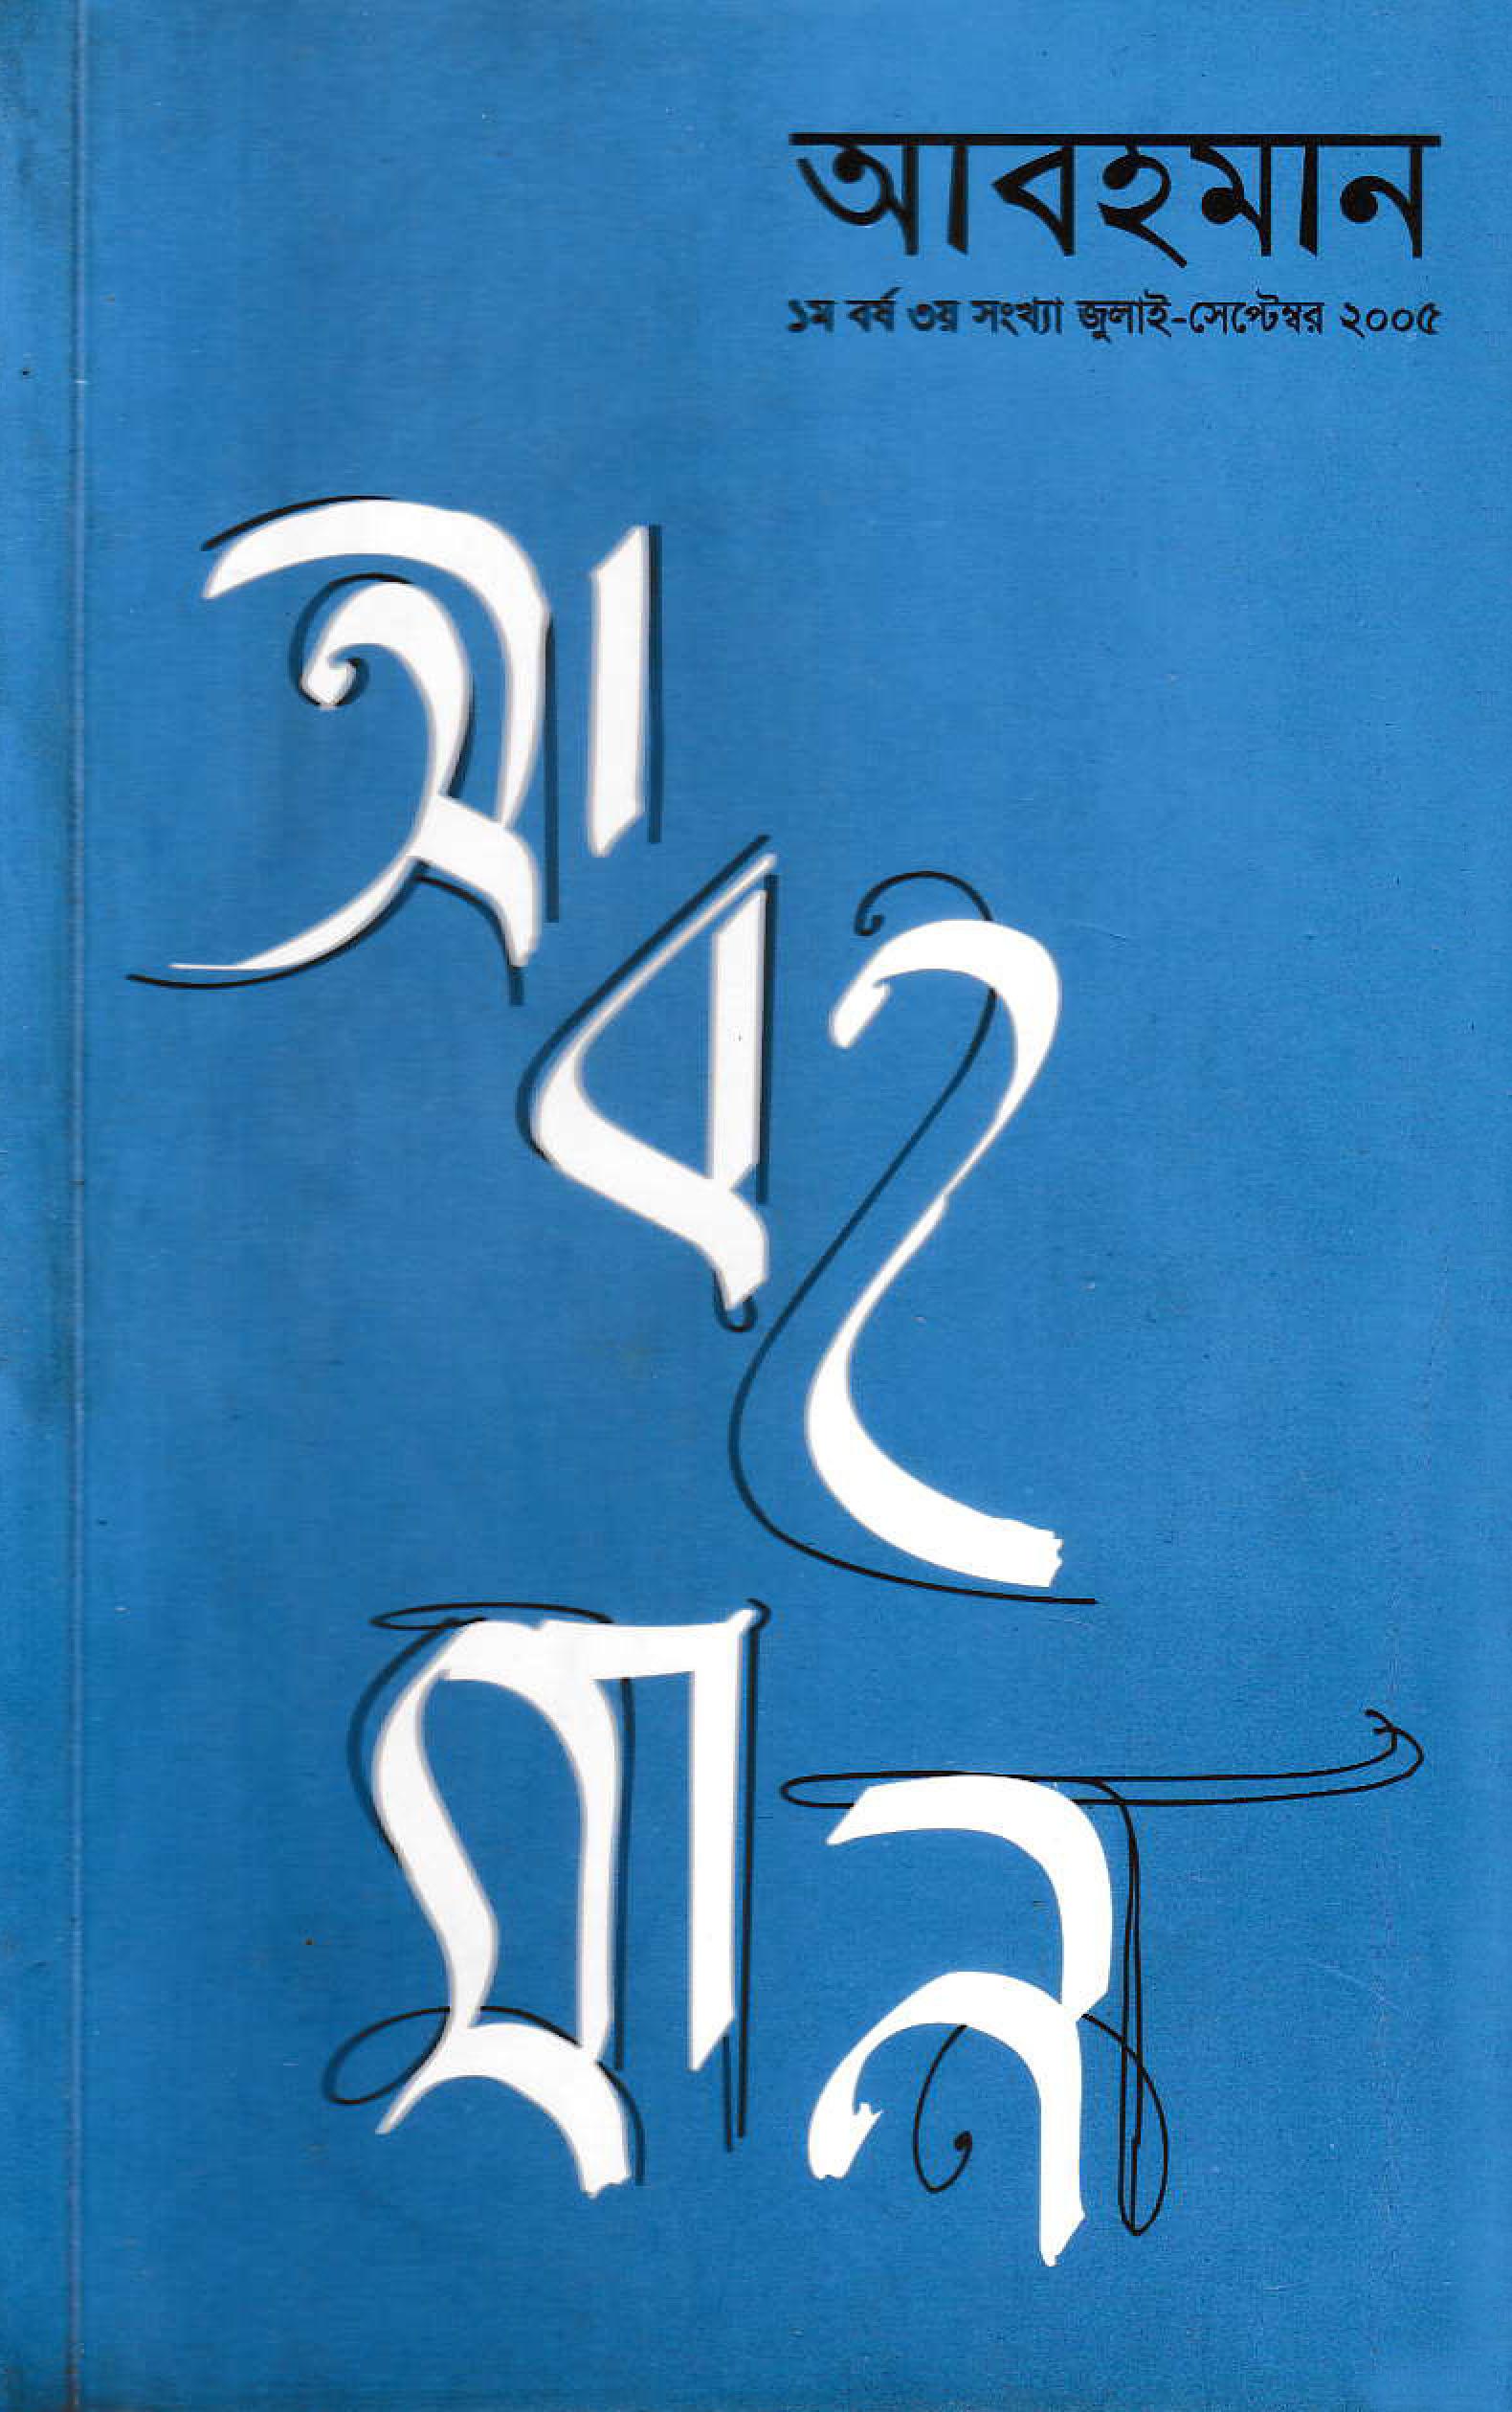 আবহমান - জানুয়ারি ২০০৬